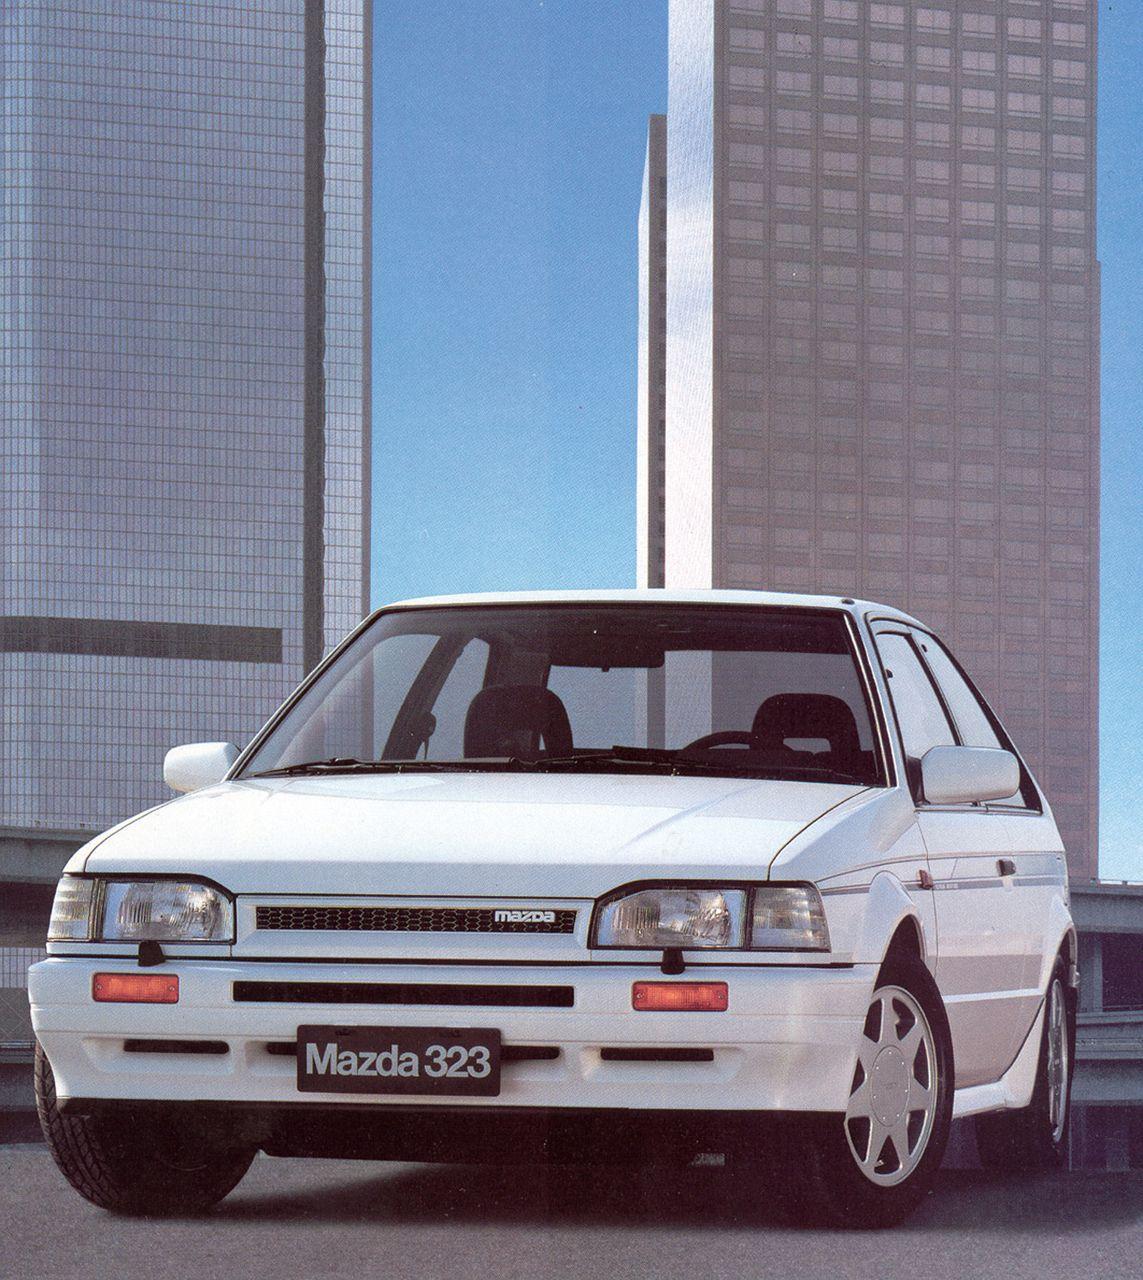 mazda 323 4wd google search bf bpt 1988 pinterest mazda rh pinterest com Manual Mazda Atenza Mazda Owners ManualDownload